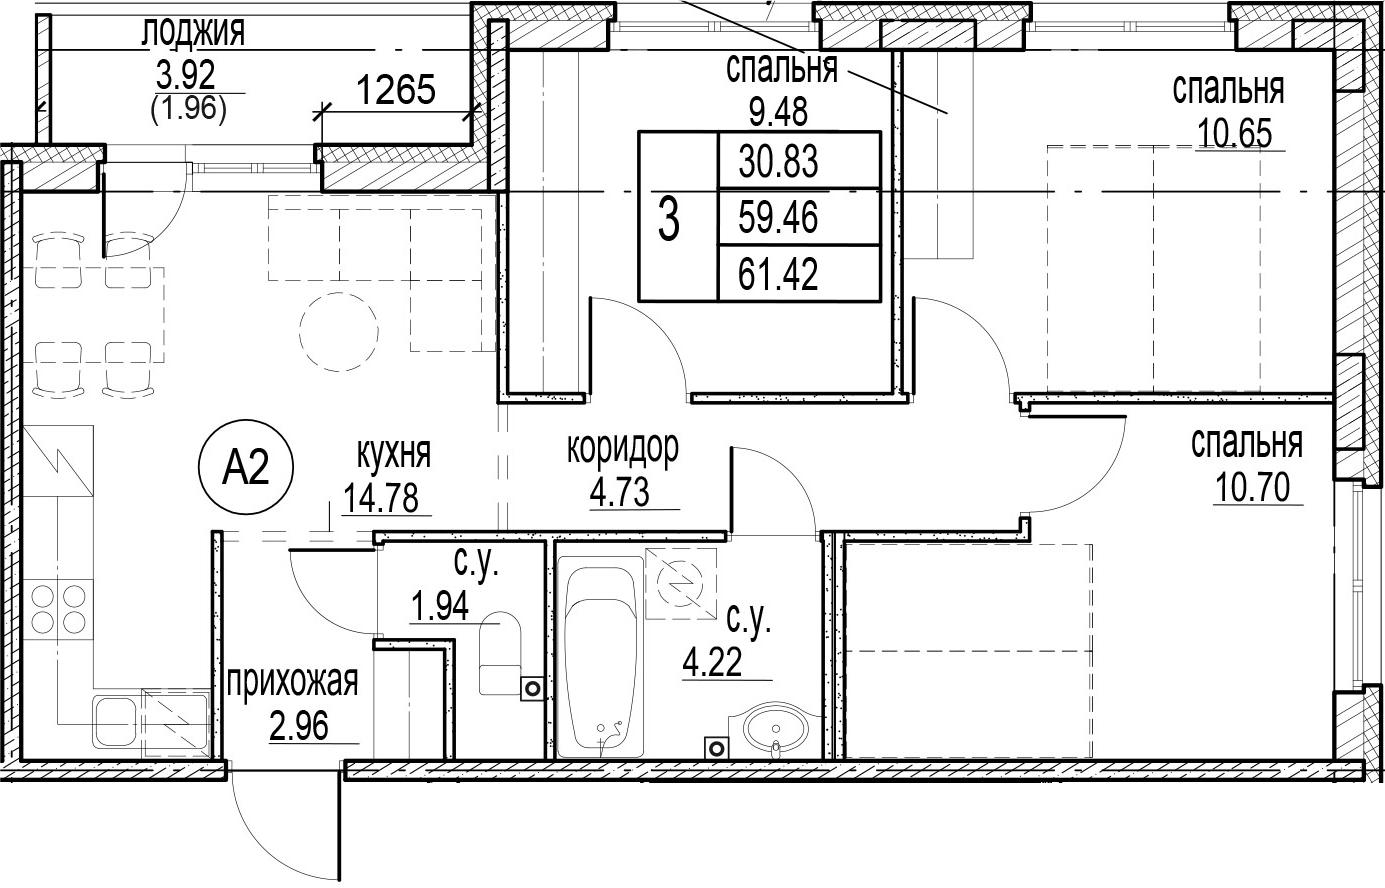 3-комнатная, 61.42 м²– 2